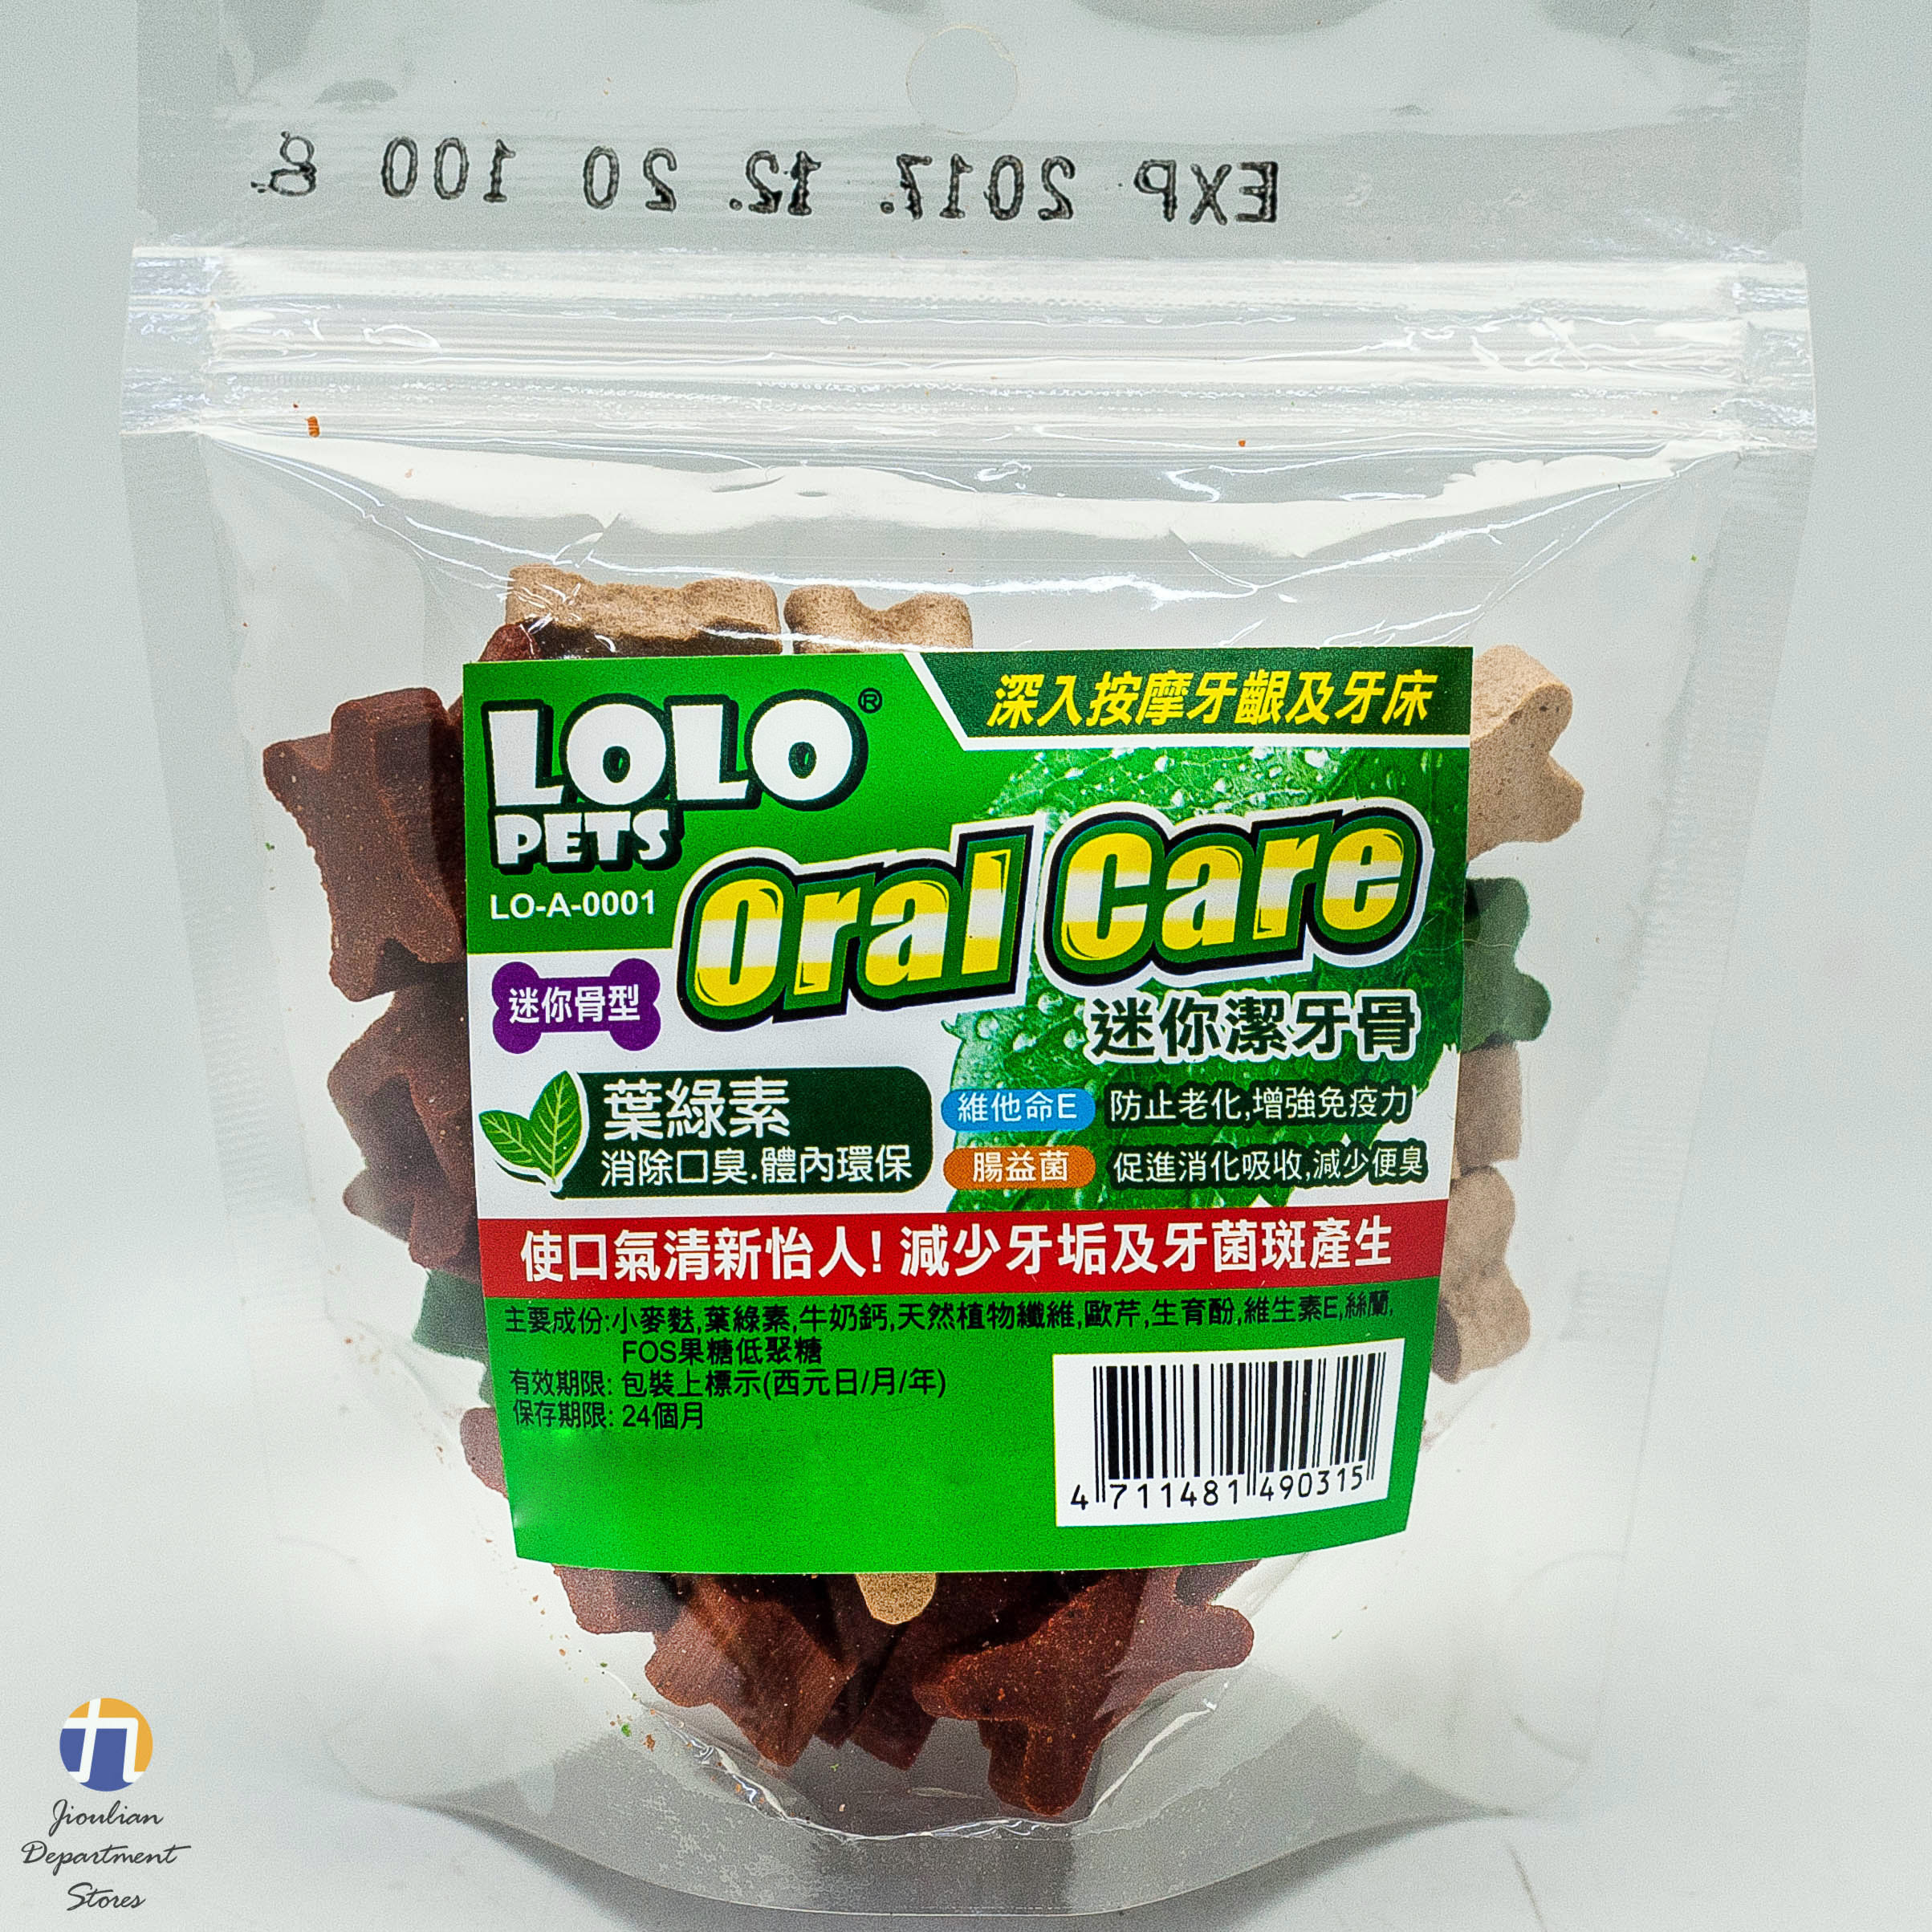 {九聯百貨} LOLO pet Oral care 迷你潔牙骨 100g (迷你骨型)